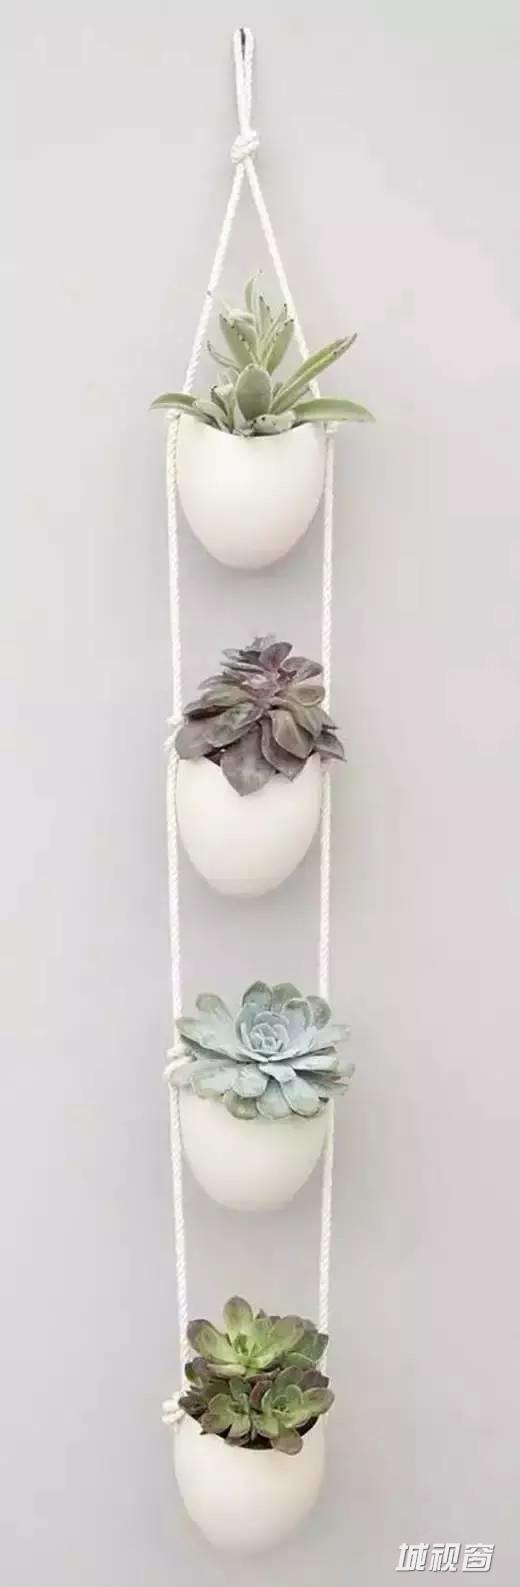 DIY γλάστρες από σχοινί8